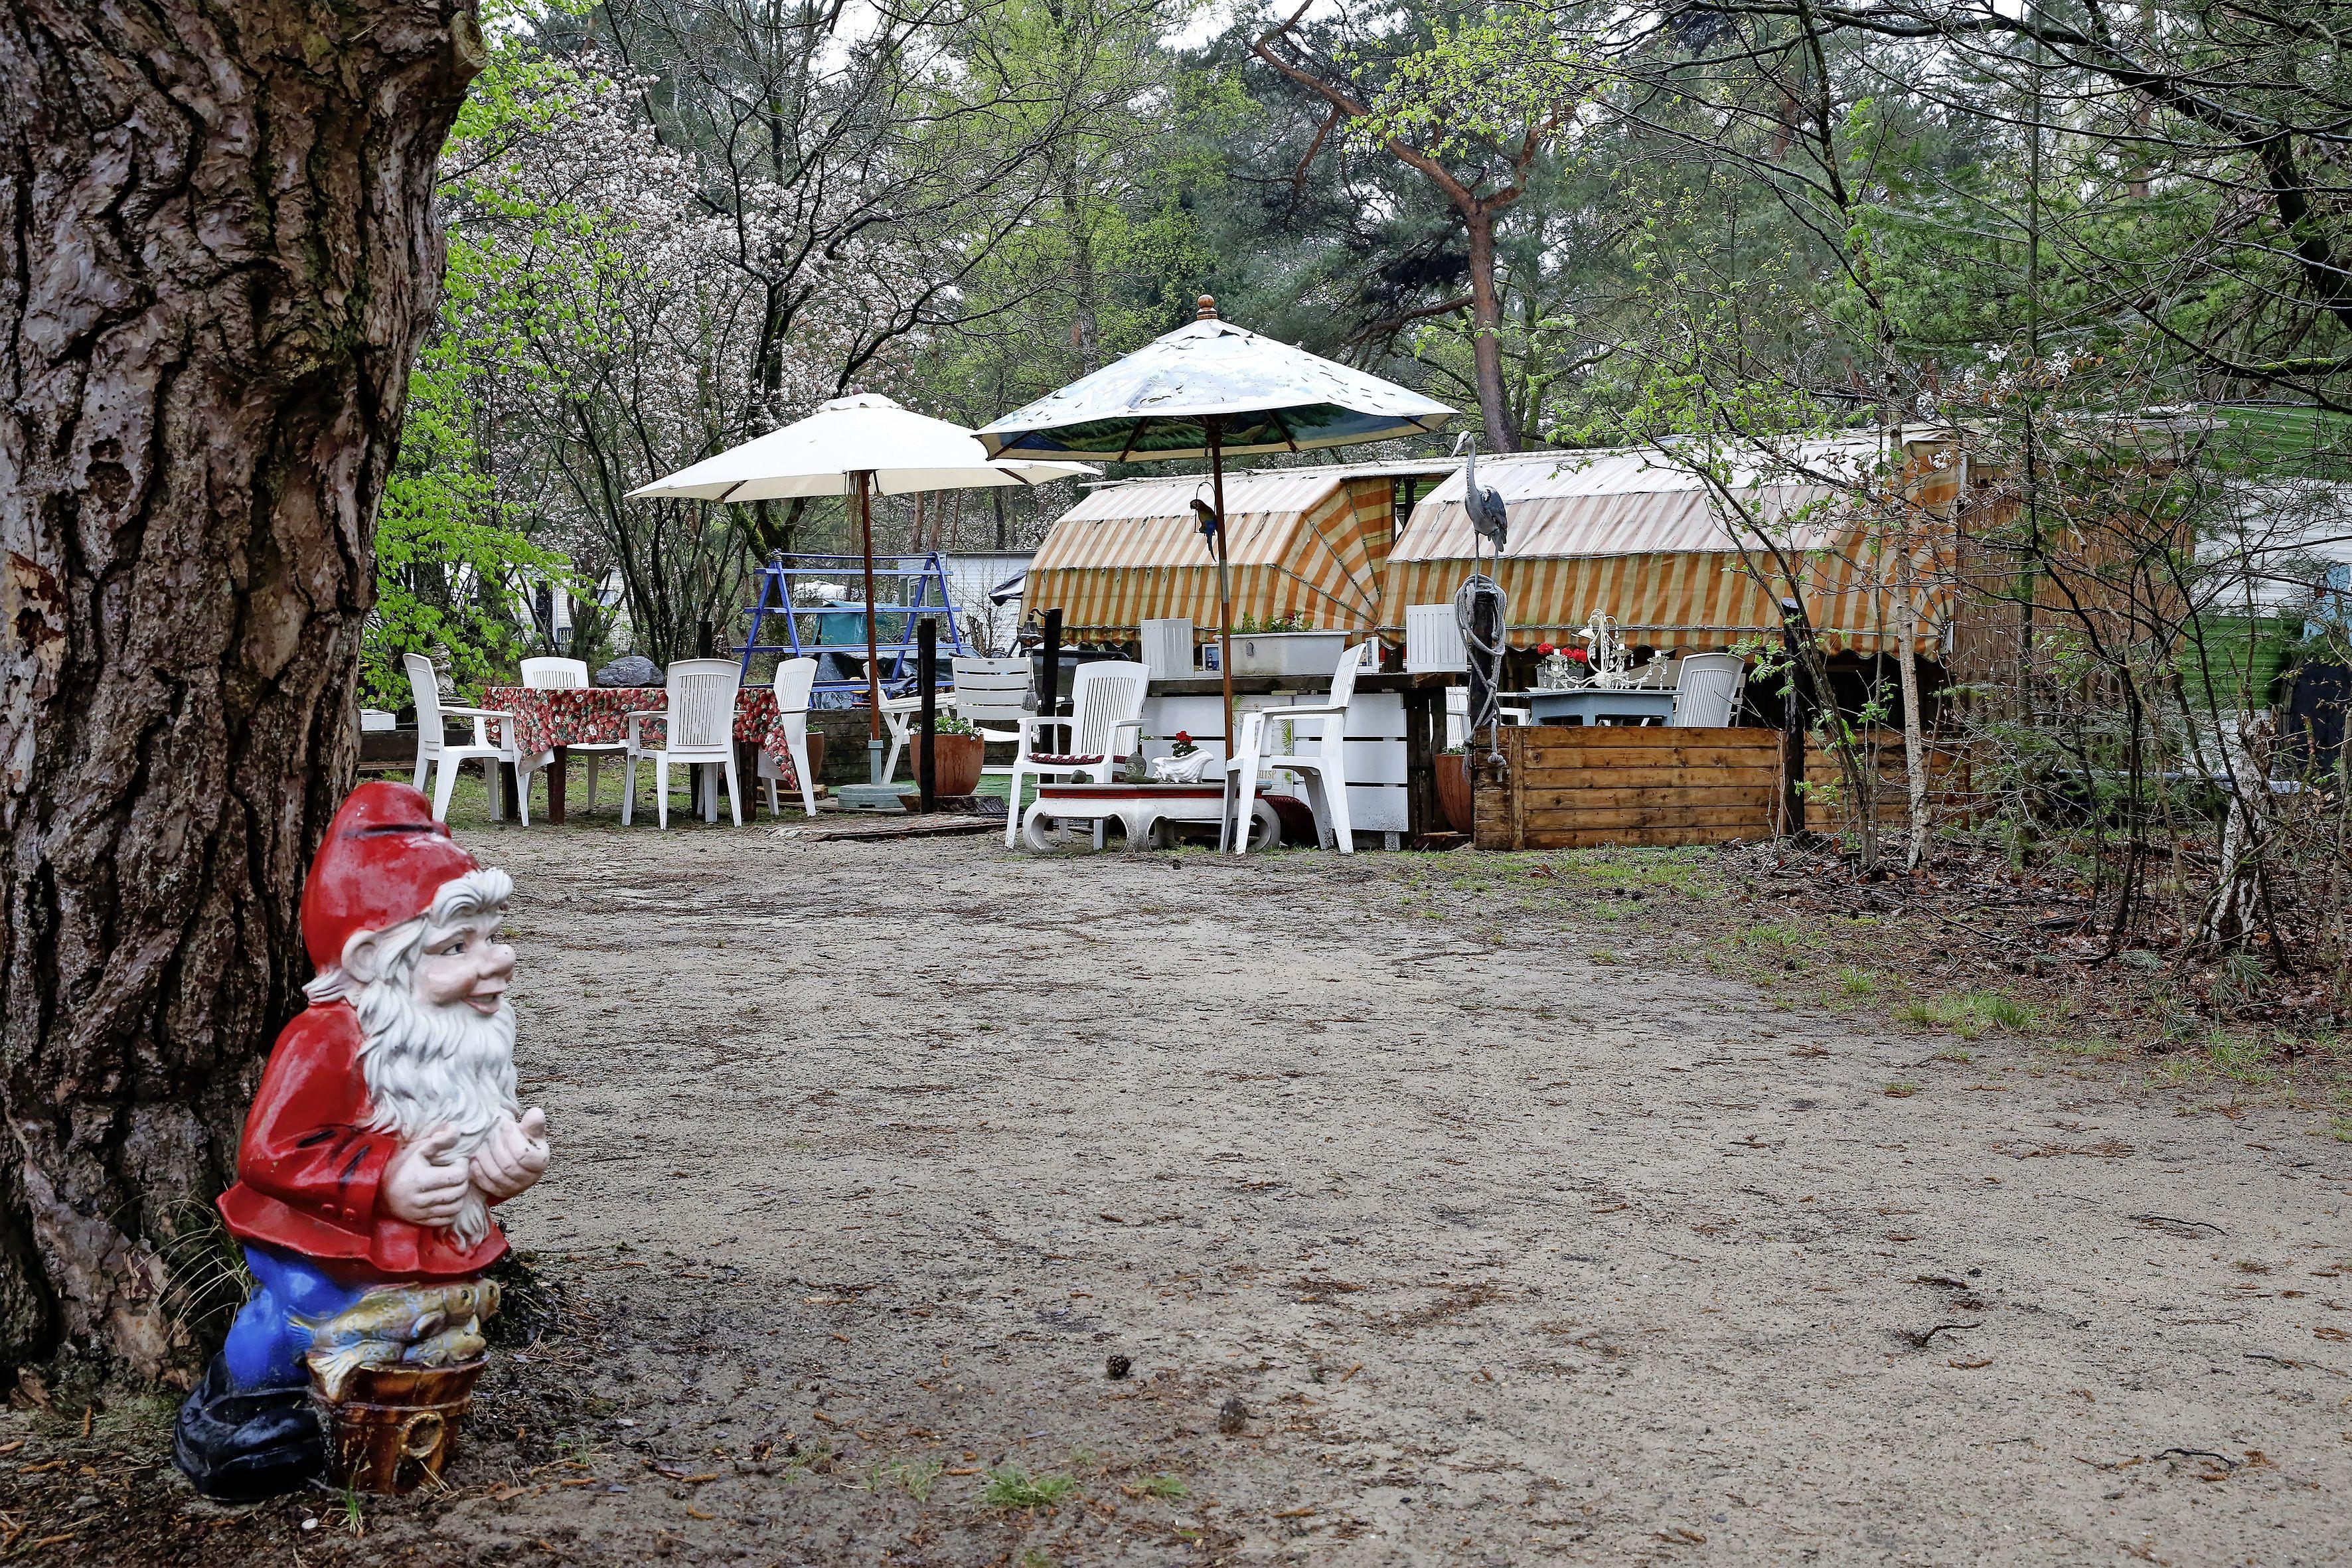 De charme van groene campings in Gooi en Eemland: 'Hier is het niet de hele dag 'papa, papa'; knakworstjes kun je opwarmen bij de buurtent